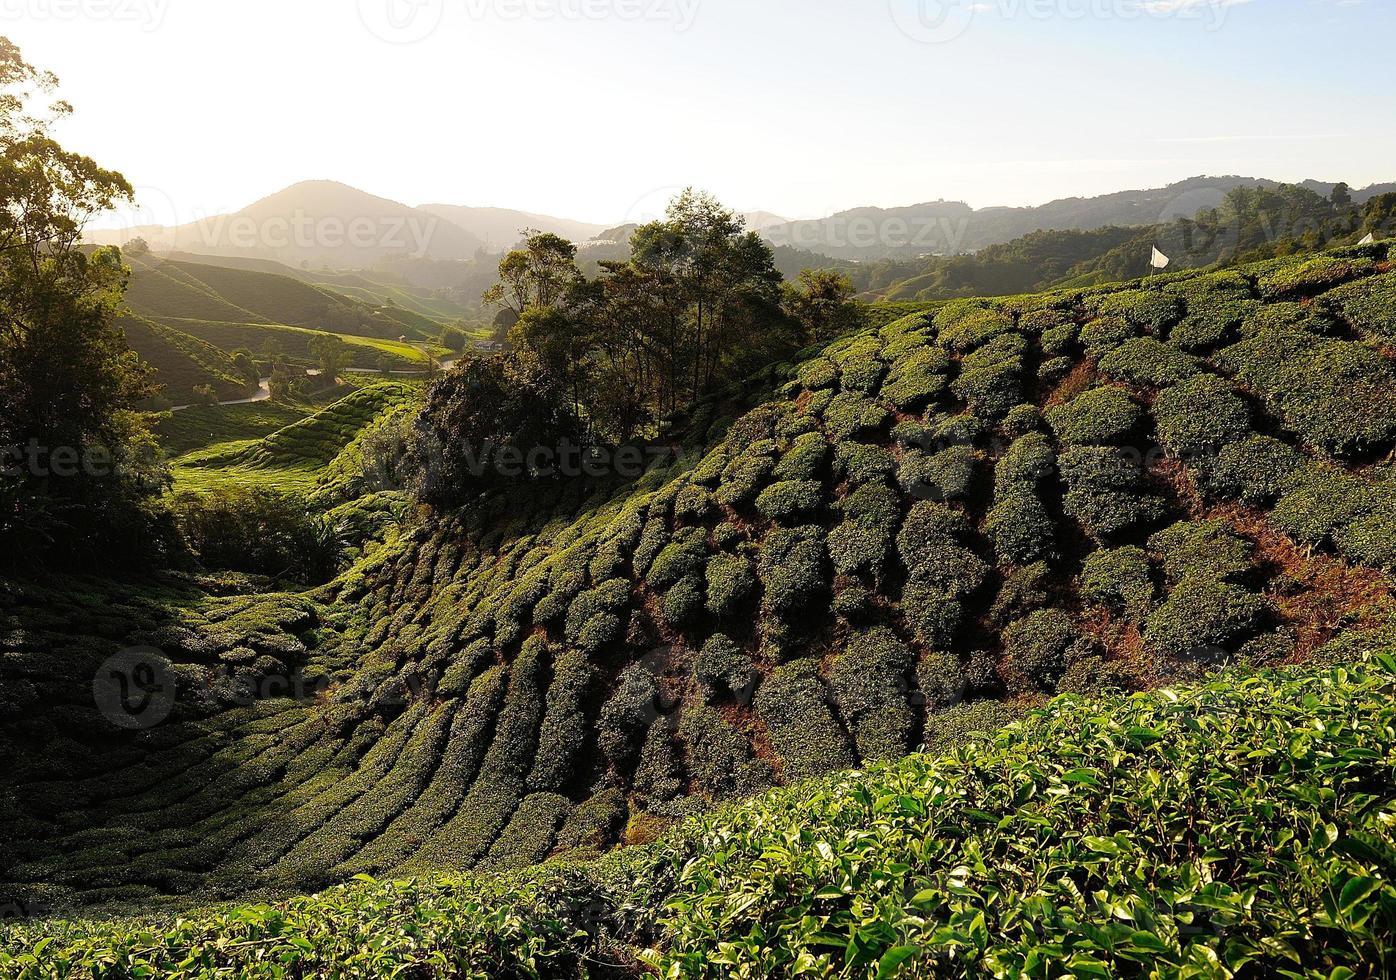 campos de plantação de chá nas colinas foto